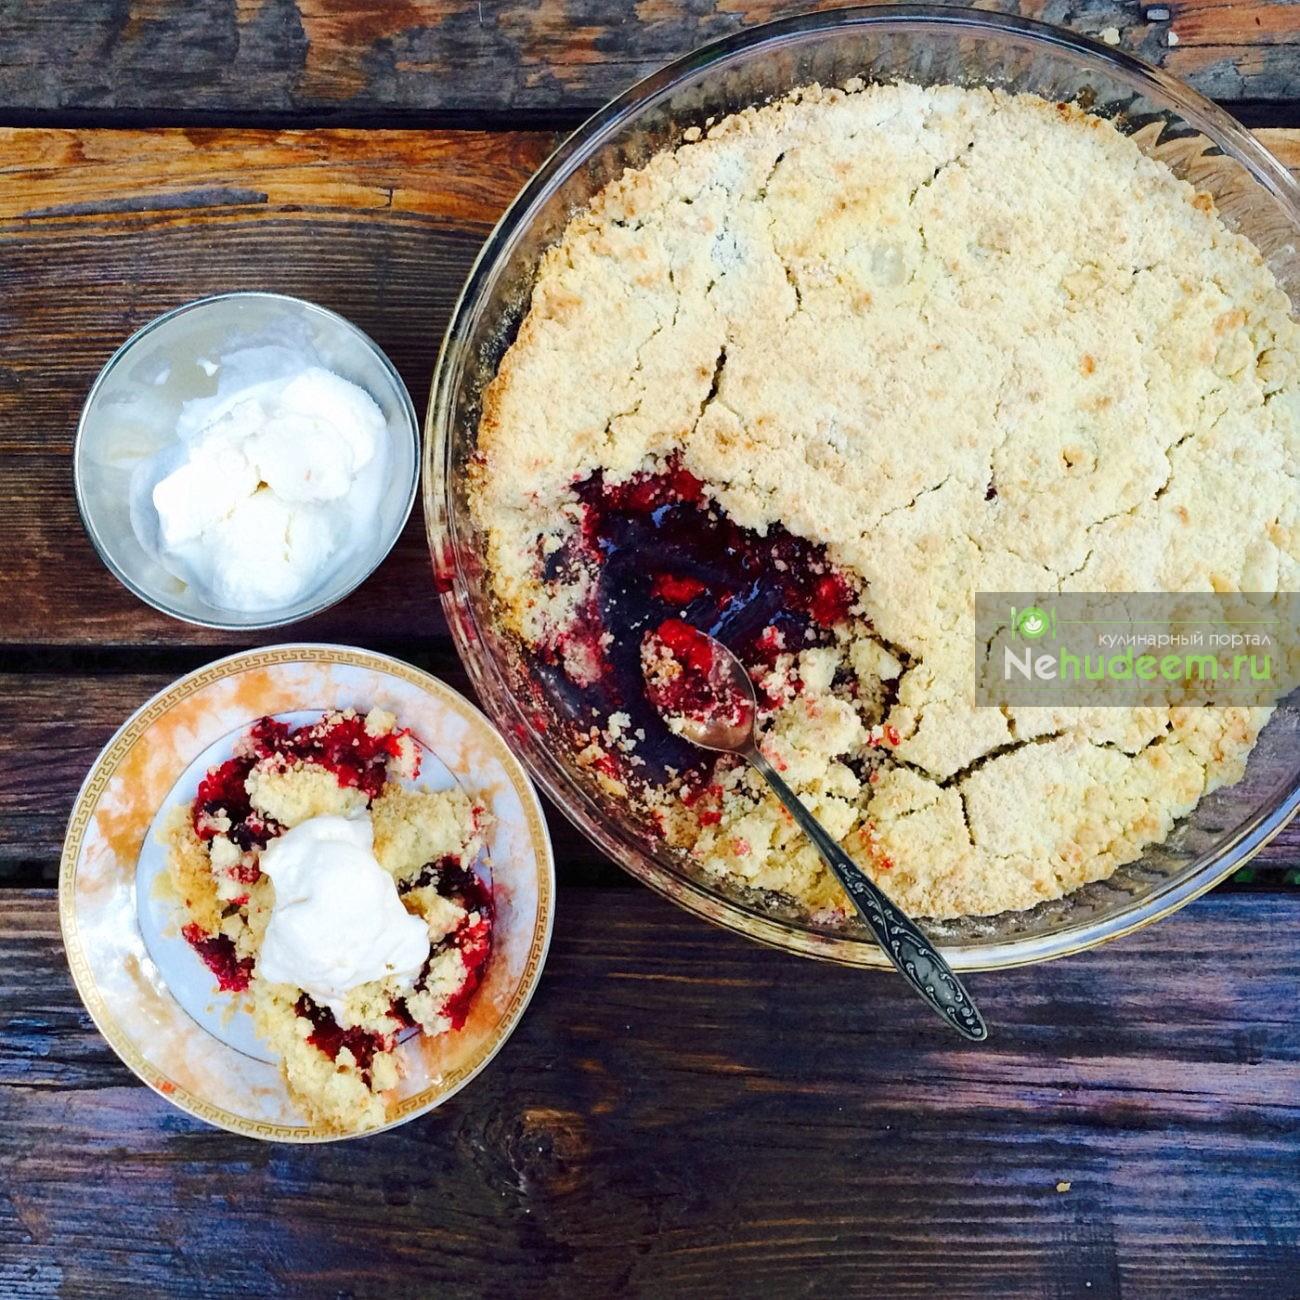 Крамбл с терном и миндальными лепестками - рецепт пошаговый с фото